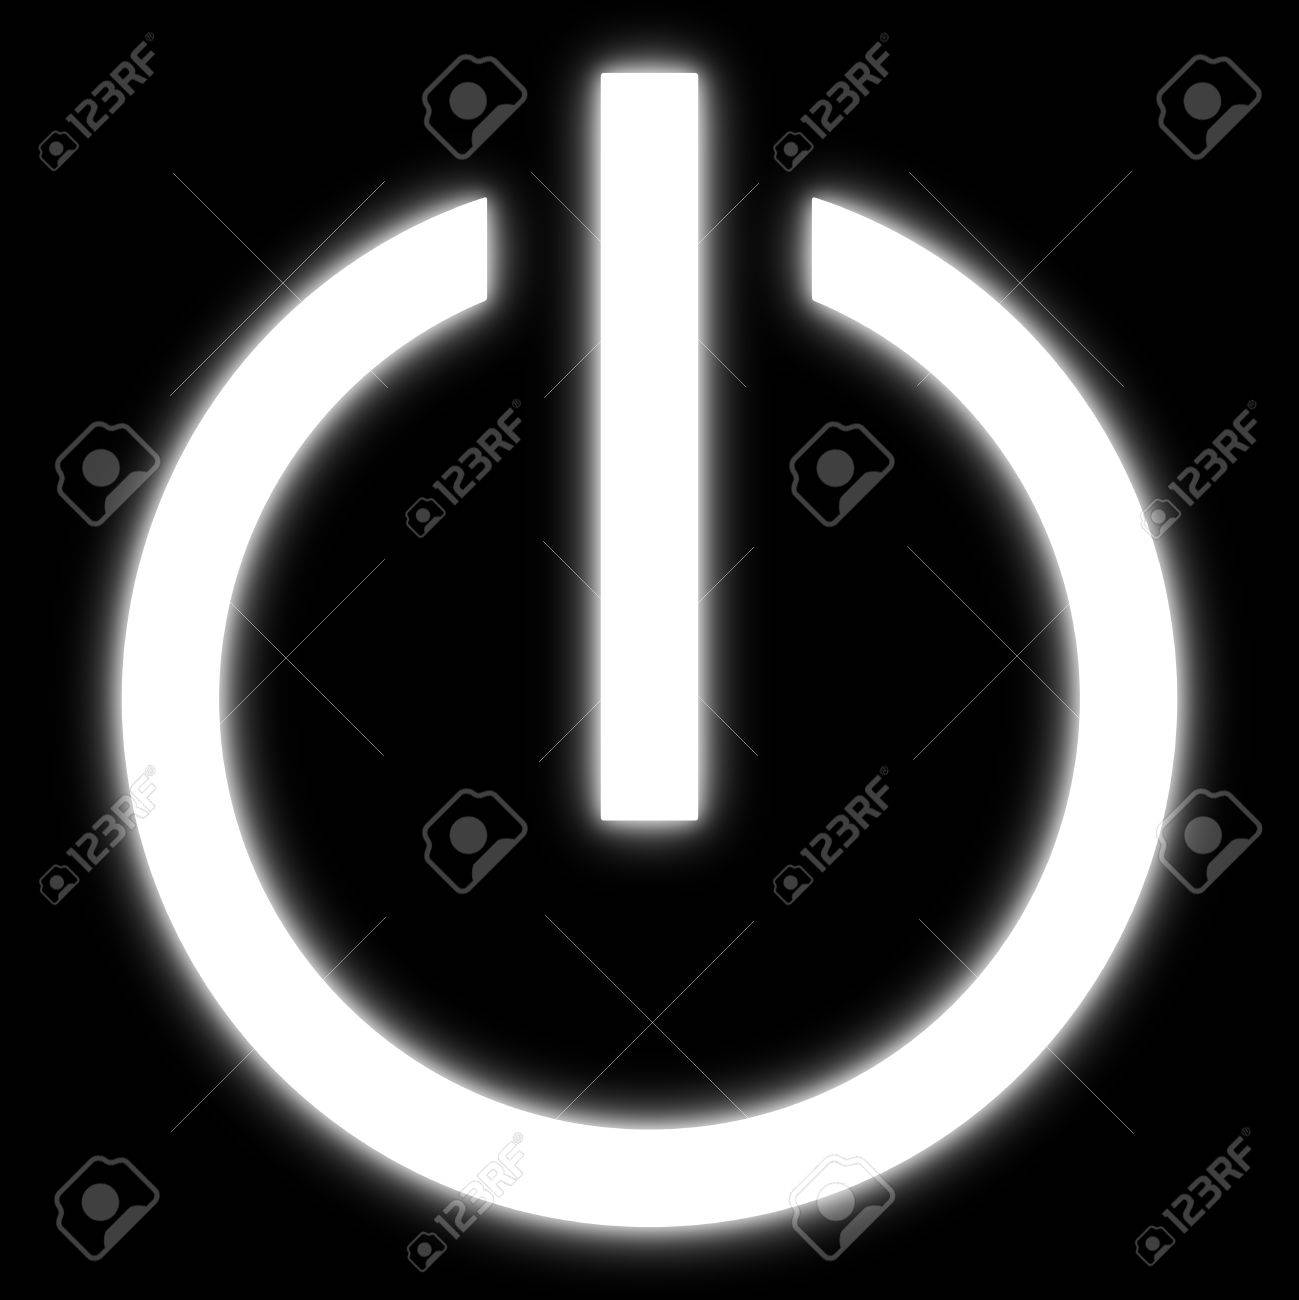 Symbol Eines Ein-Aus-Schalter Von Elektrischen Geräten. Lizenzfreie ...